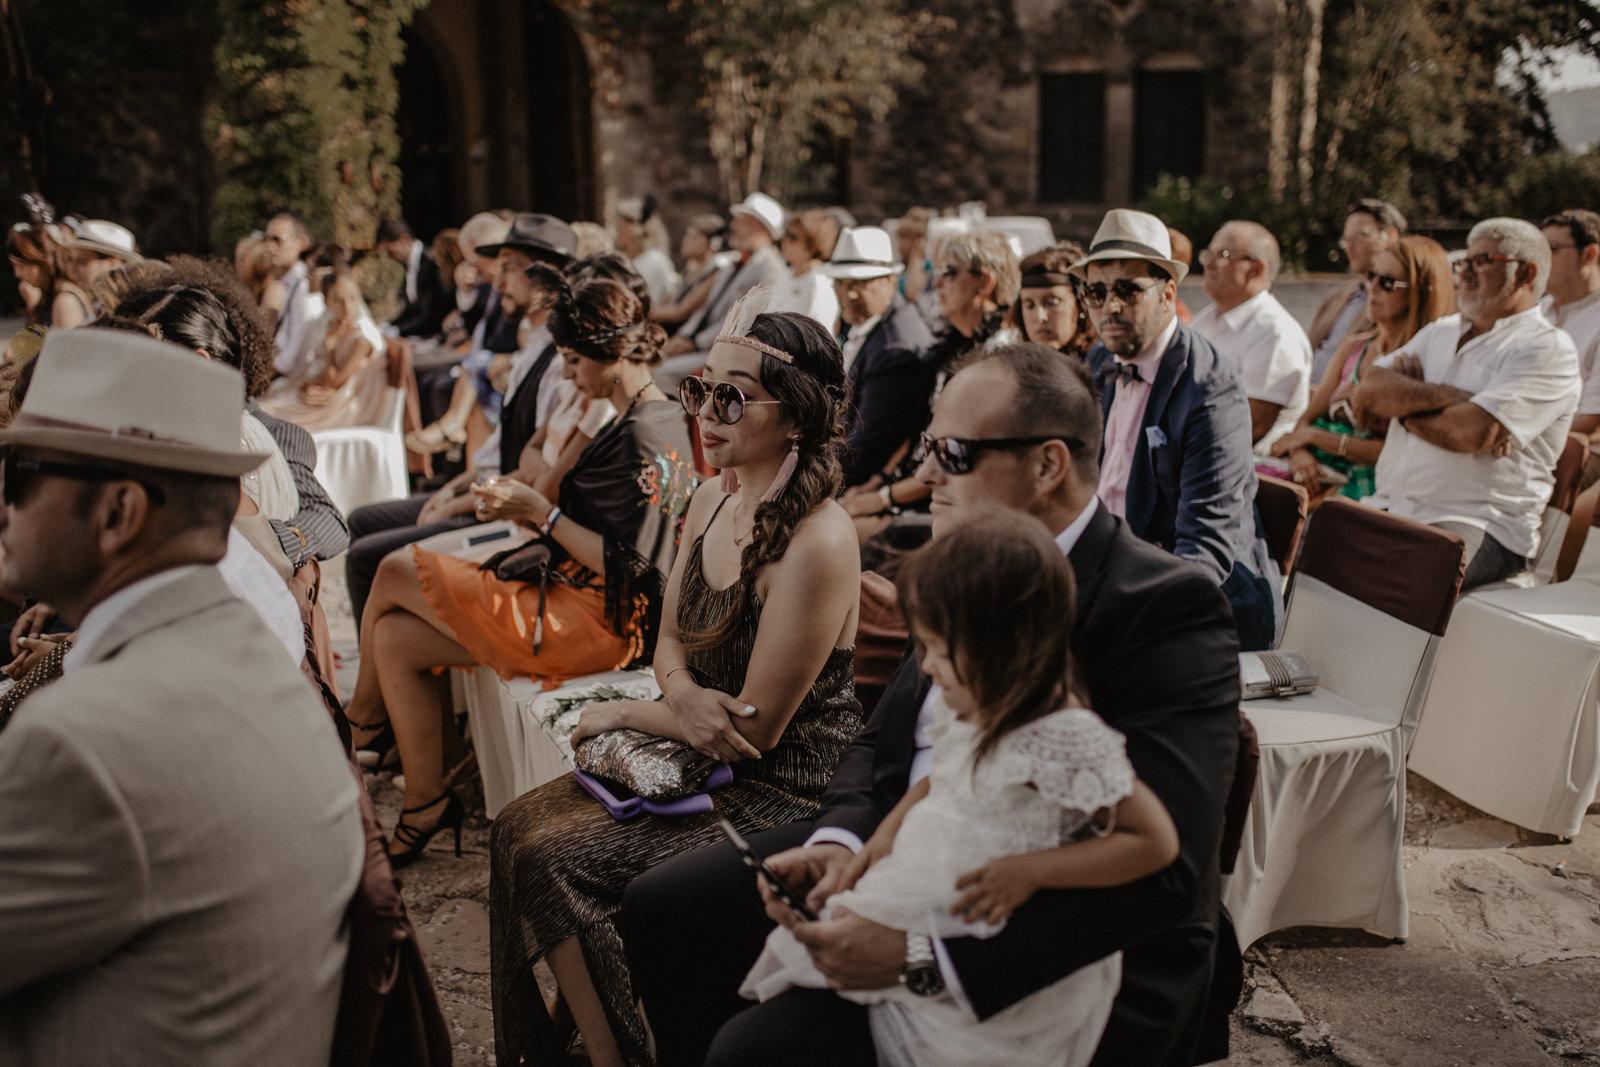 thenortherngirlphotography_photography_thenortherngirl_rebeccascabros_wedding_weddingphotography_weddingphotographer_barcelona_bodaenlabaronia_labaronia_japanesewedding_destinationwedding_shokoalbert-415.jpg